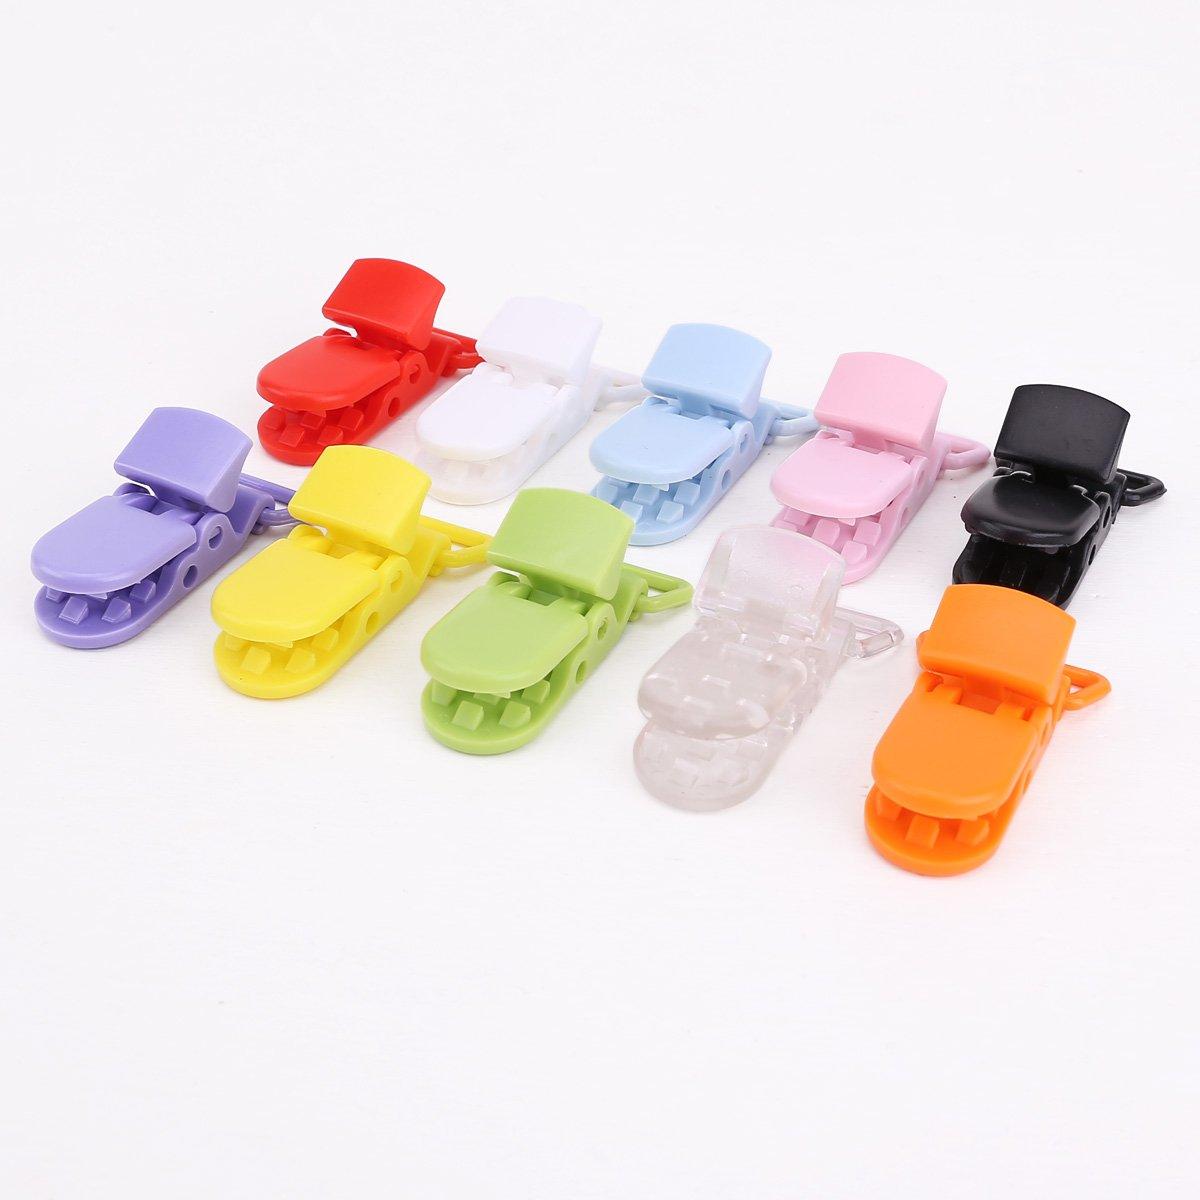 VStoy 50pcs correa chupete clip clip de plástico de 10 colores